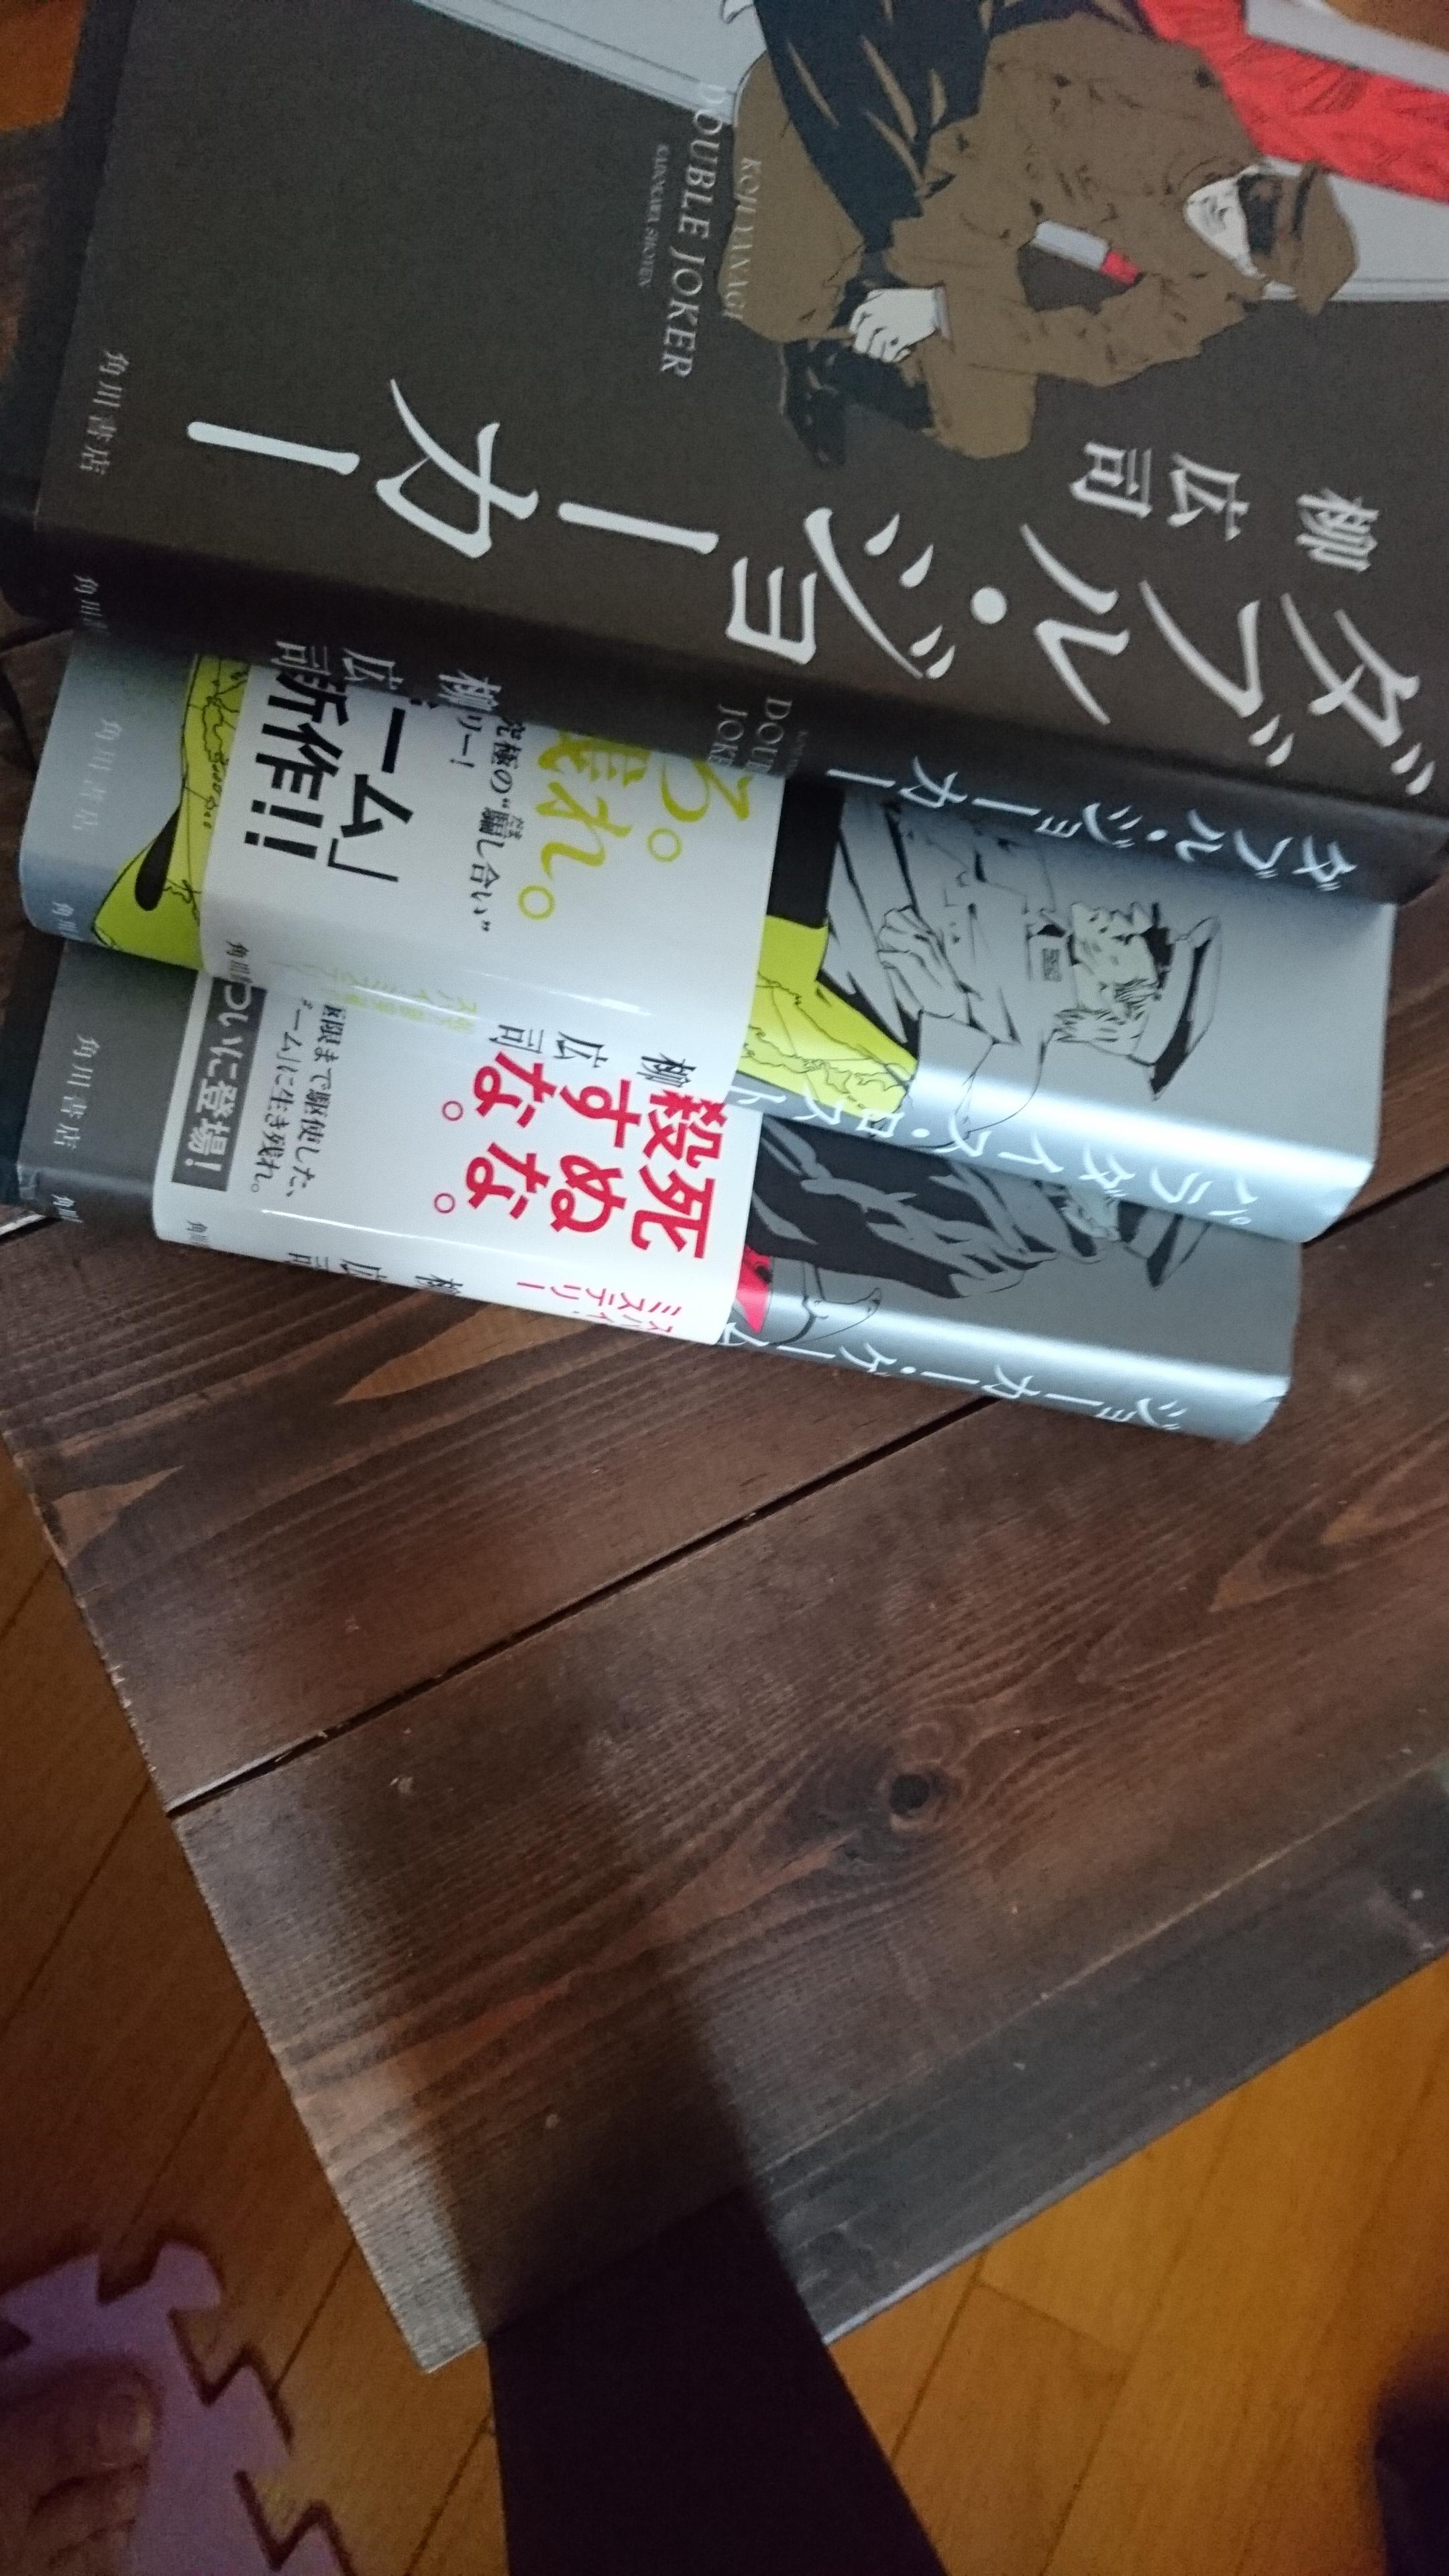 「ジョーカーゲーム」「ダブル・ジョーカー」「パラダイス・ロスト」三部作(初版本)